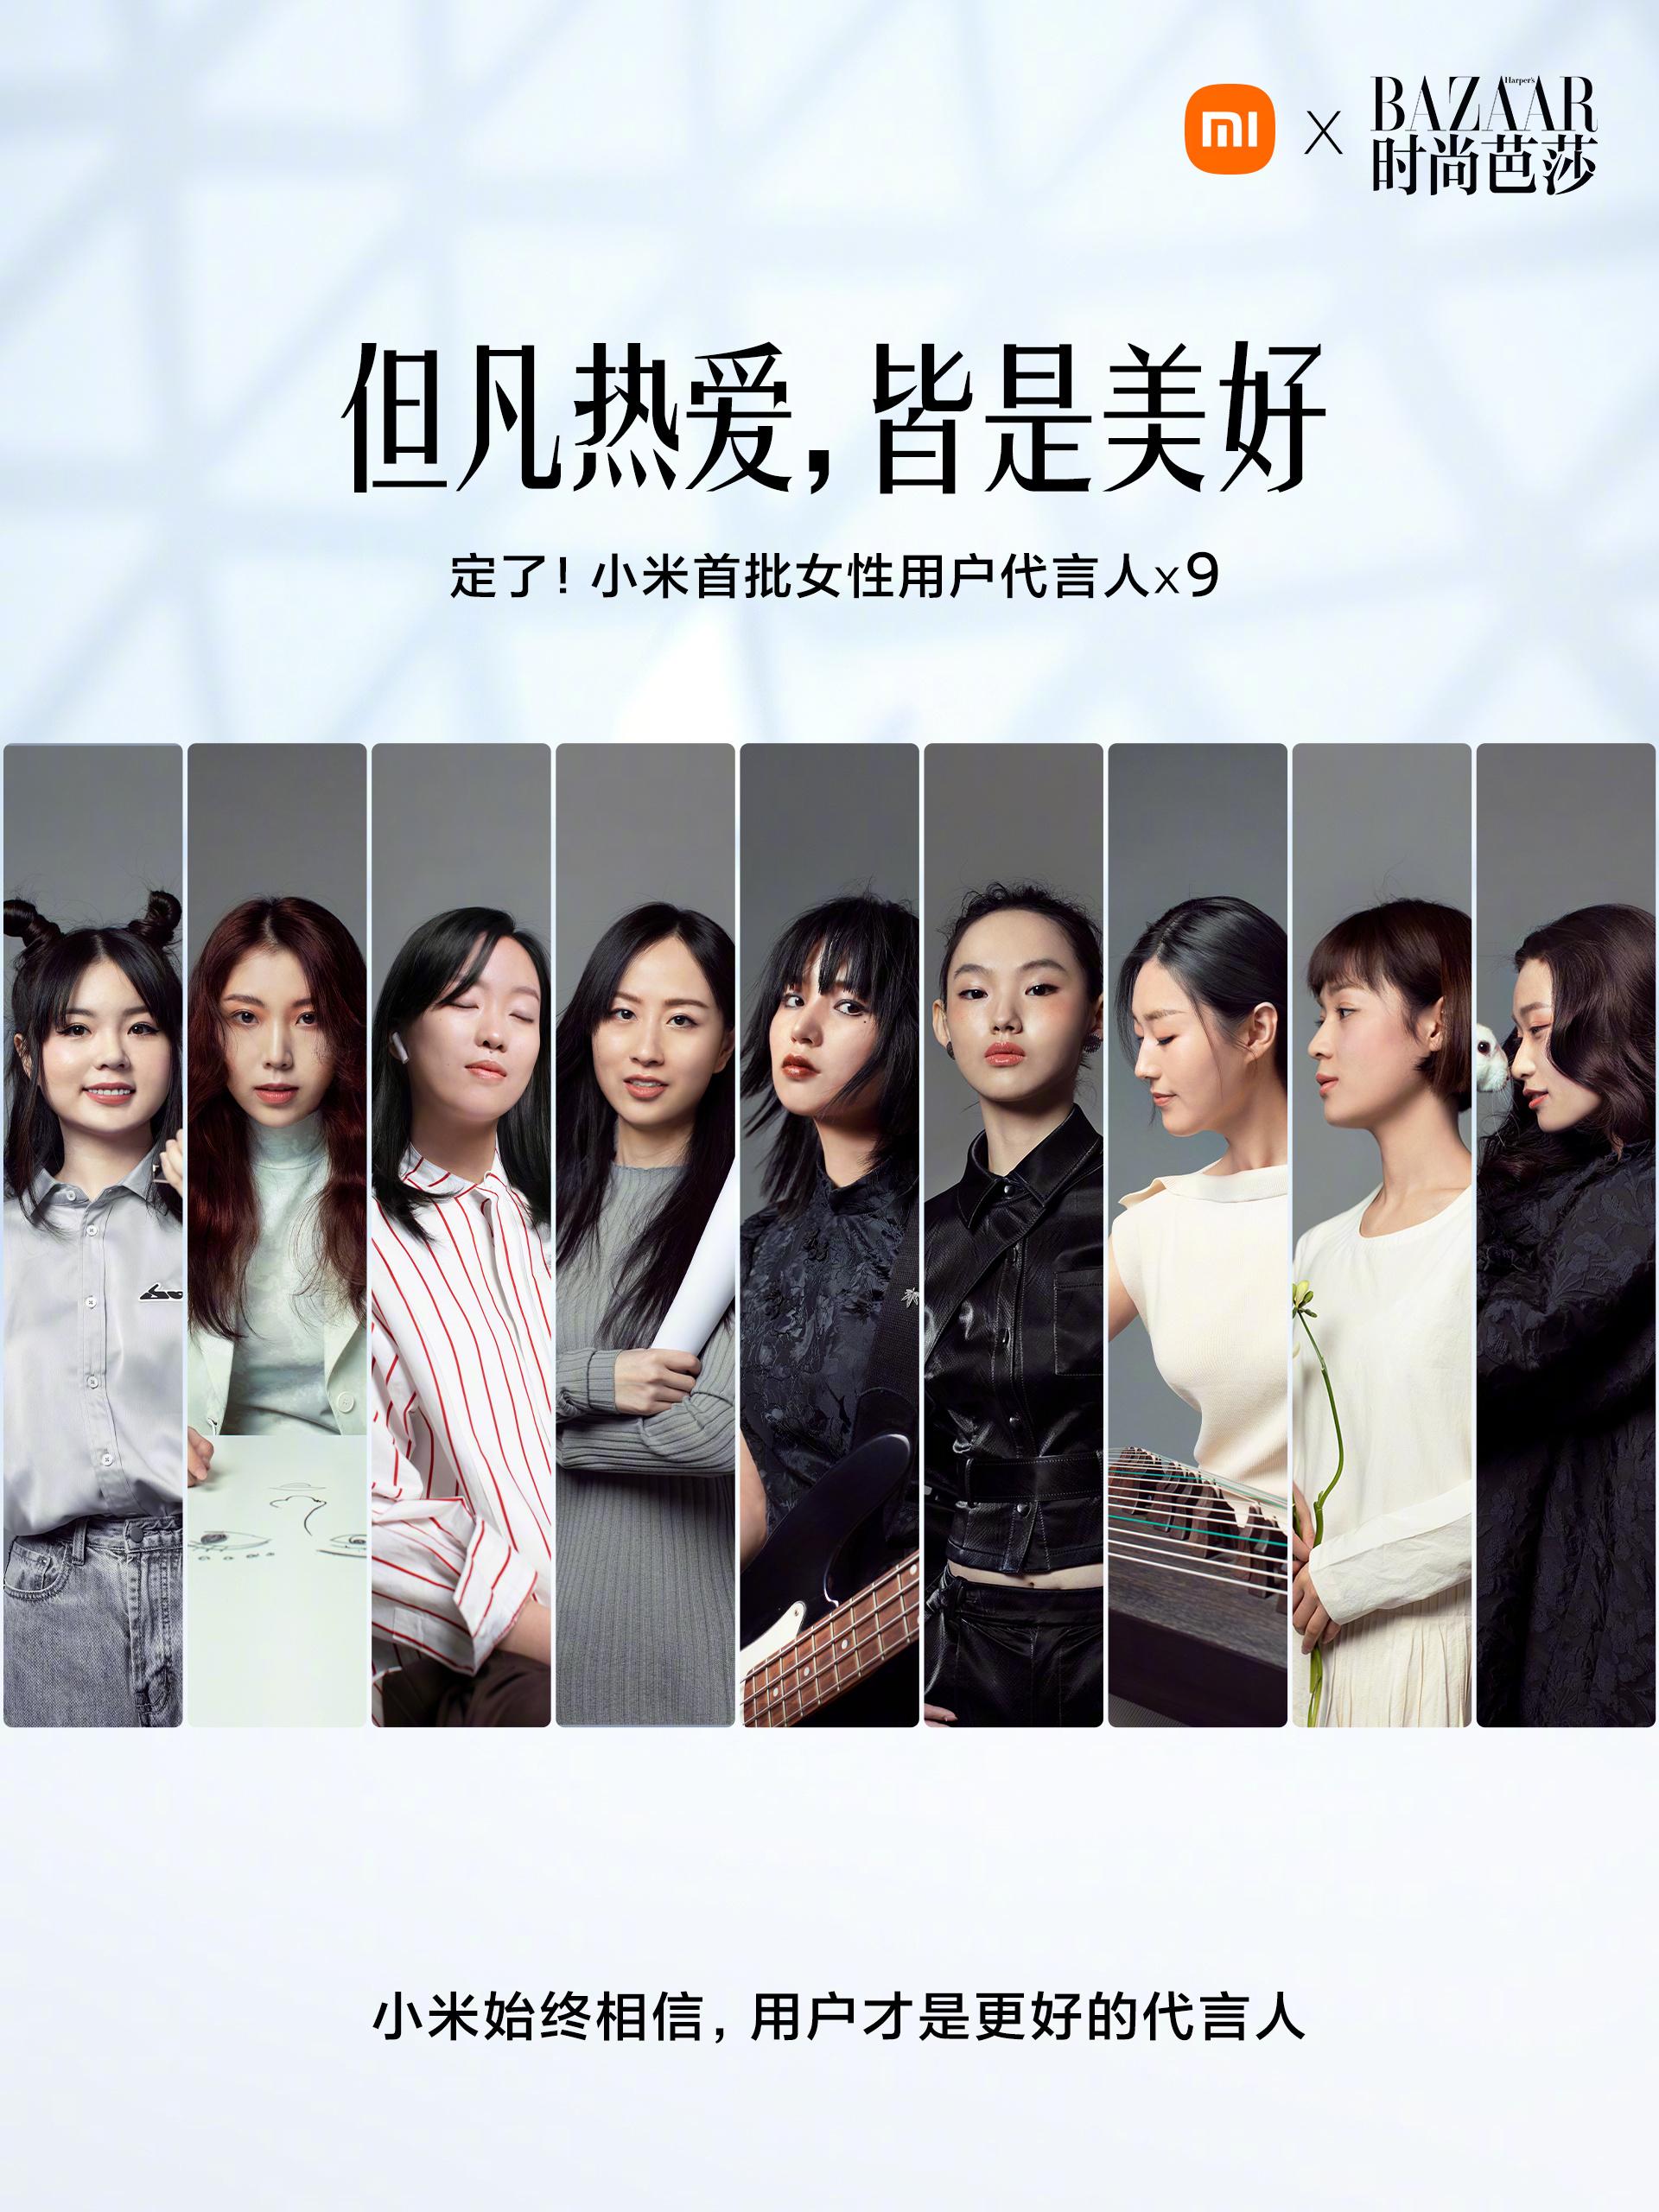 不计票!小米女性用户代言人揭晓:9位小姐姐组团出道